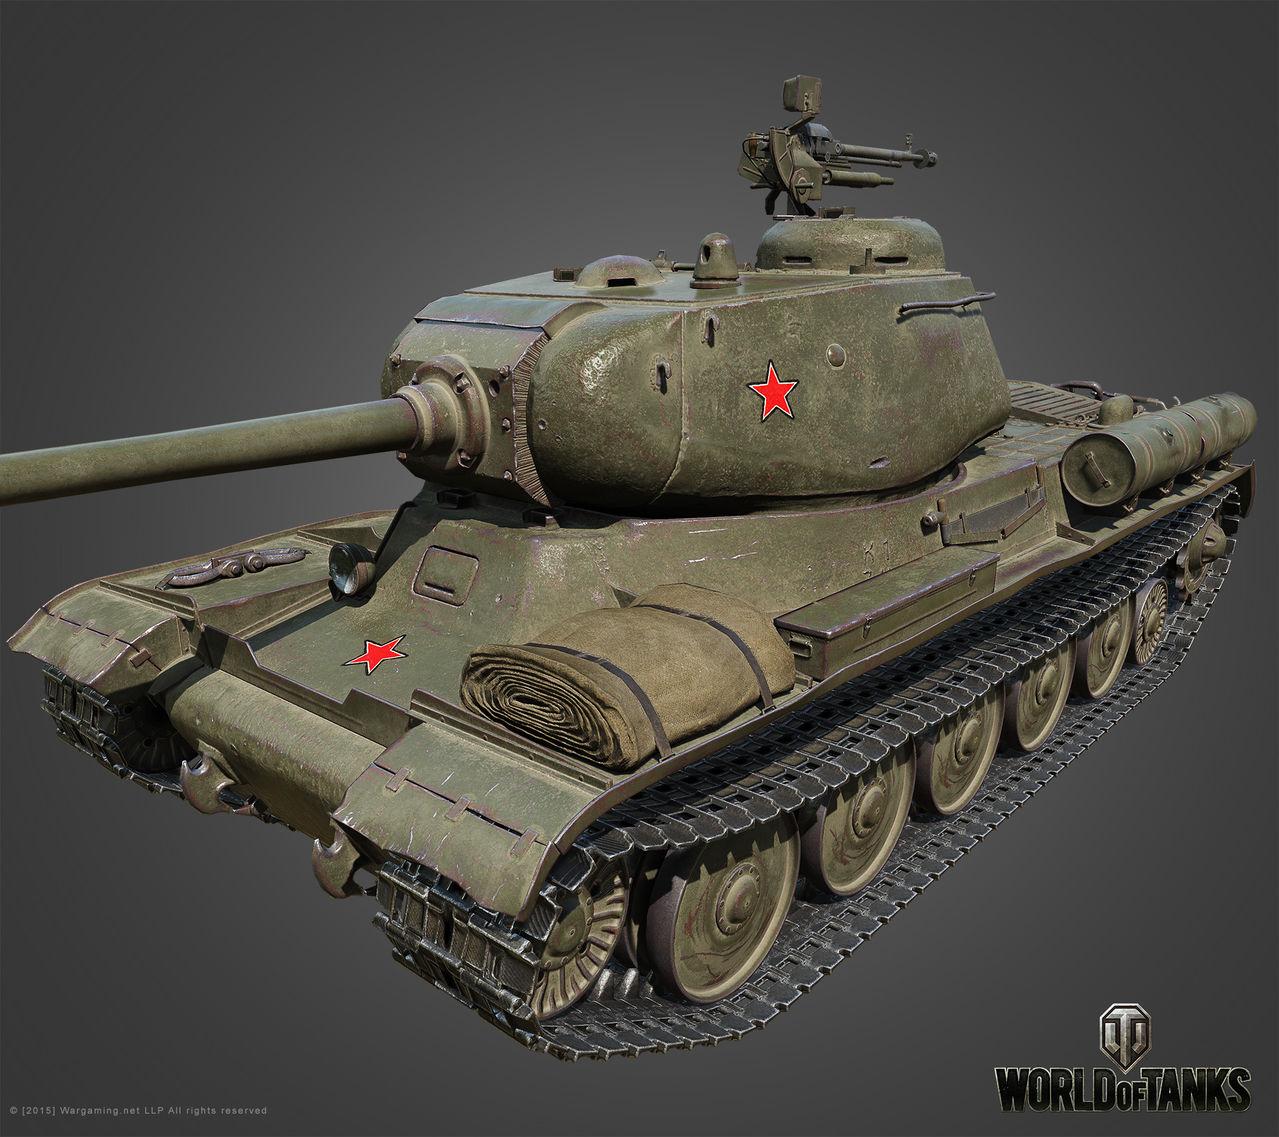 четыре танкиста и собака (польский фильм 1966-1970) про польских танкистов воевавшись на советском танке т-34 польской освободительной армии с немцко-фашистским захватчиками на закате второй мировой войны был первым